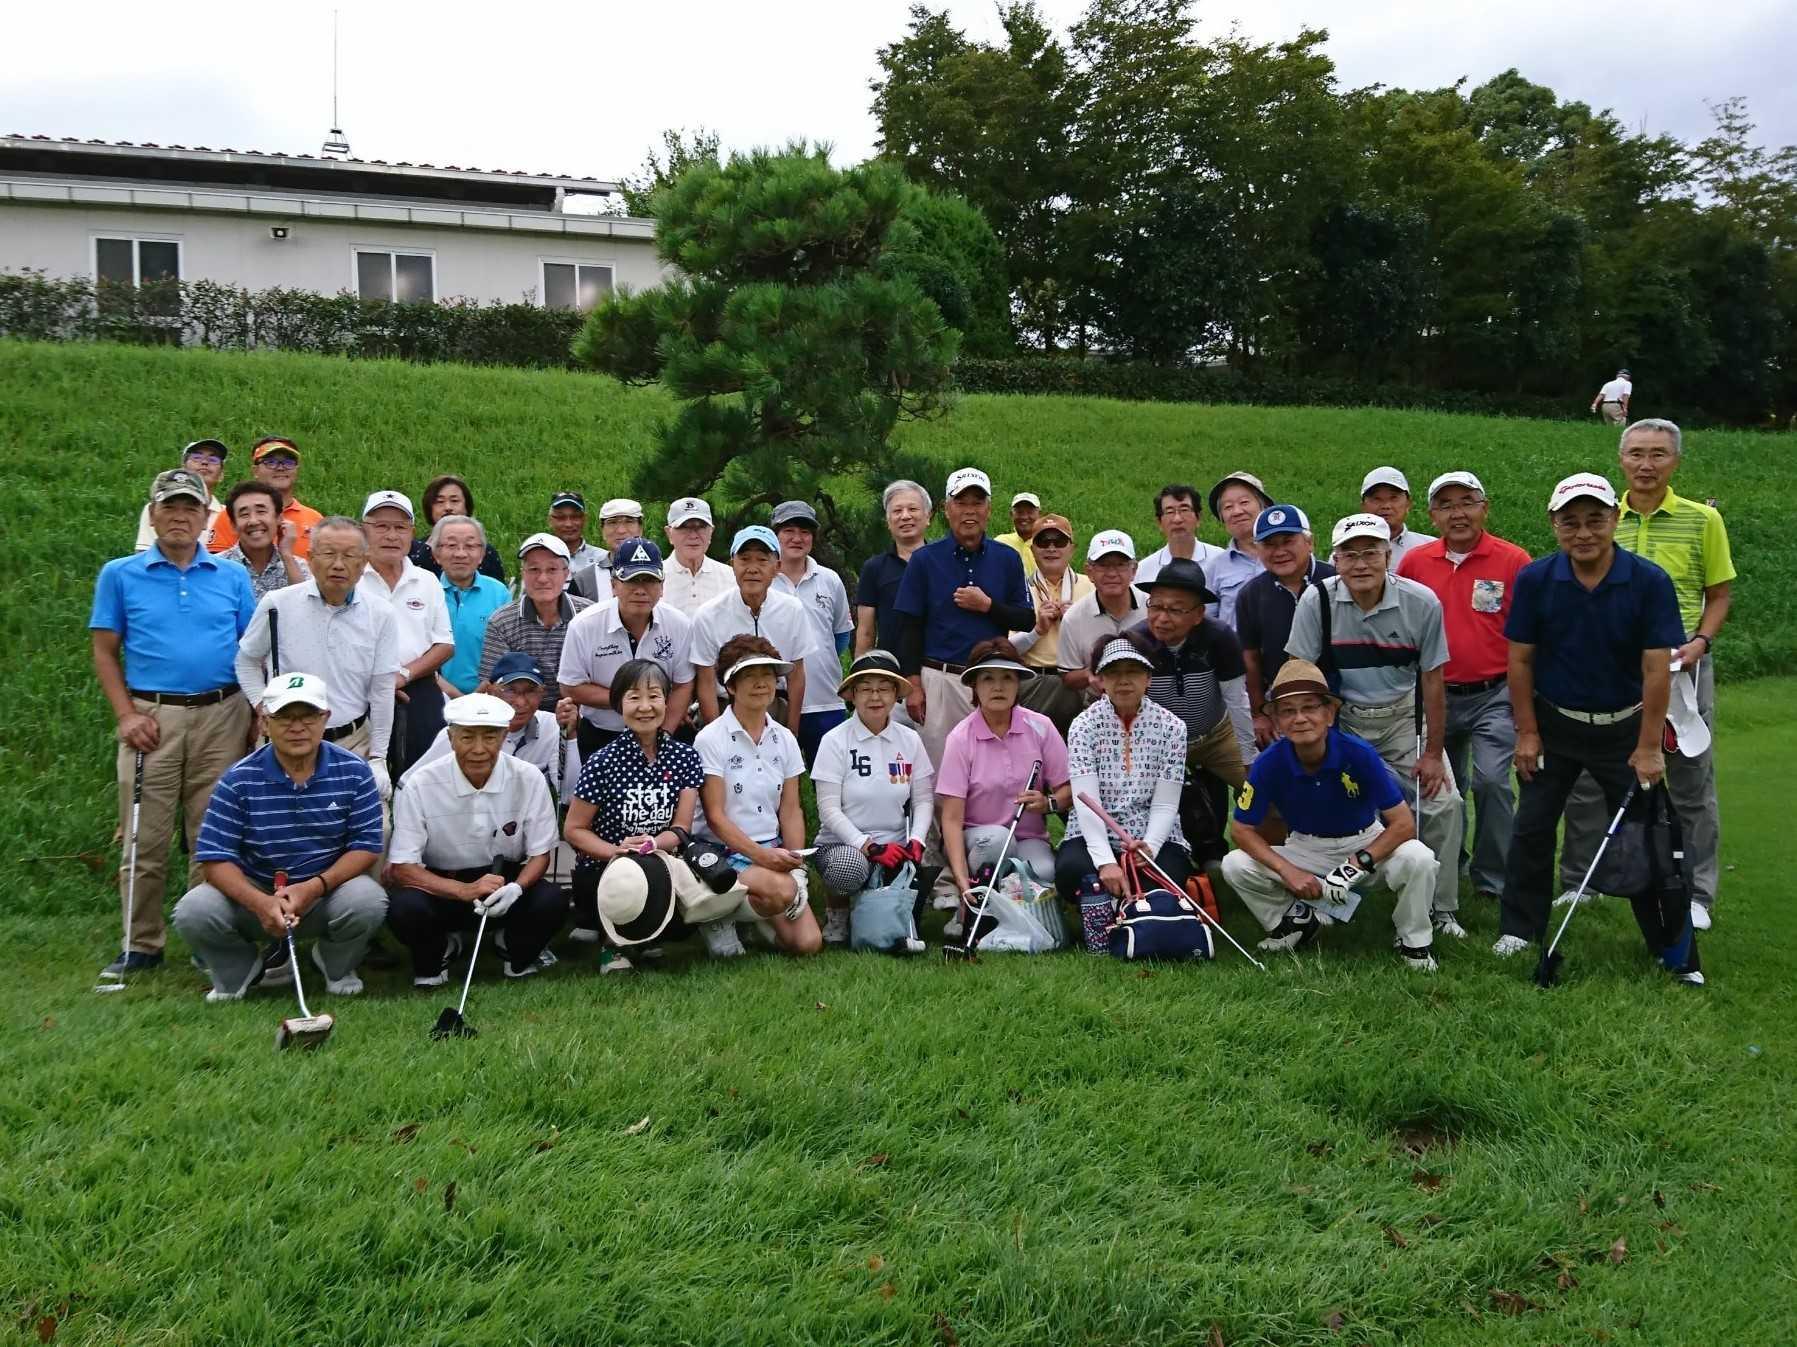 第289回 ゴルフガーデン星野会 9月度コンペ